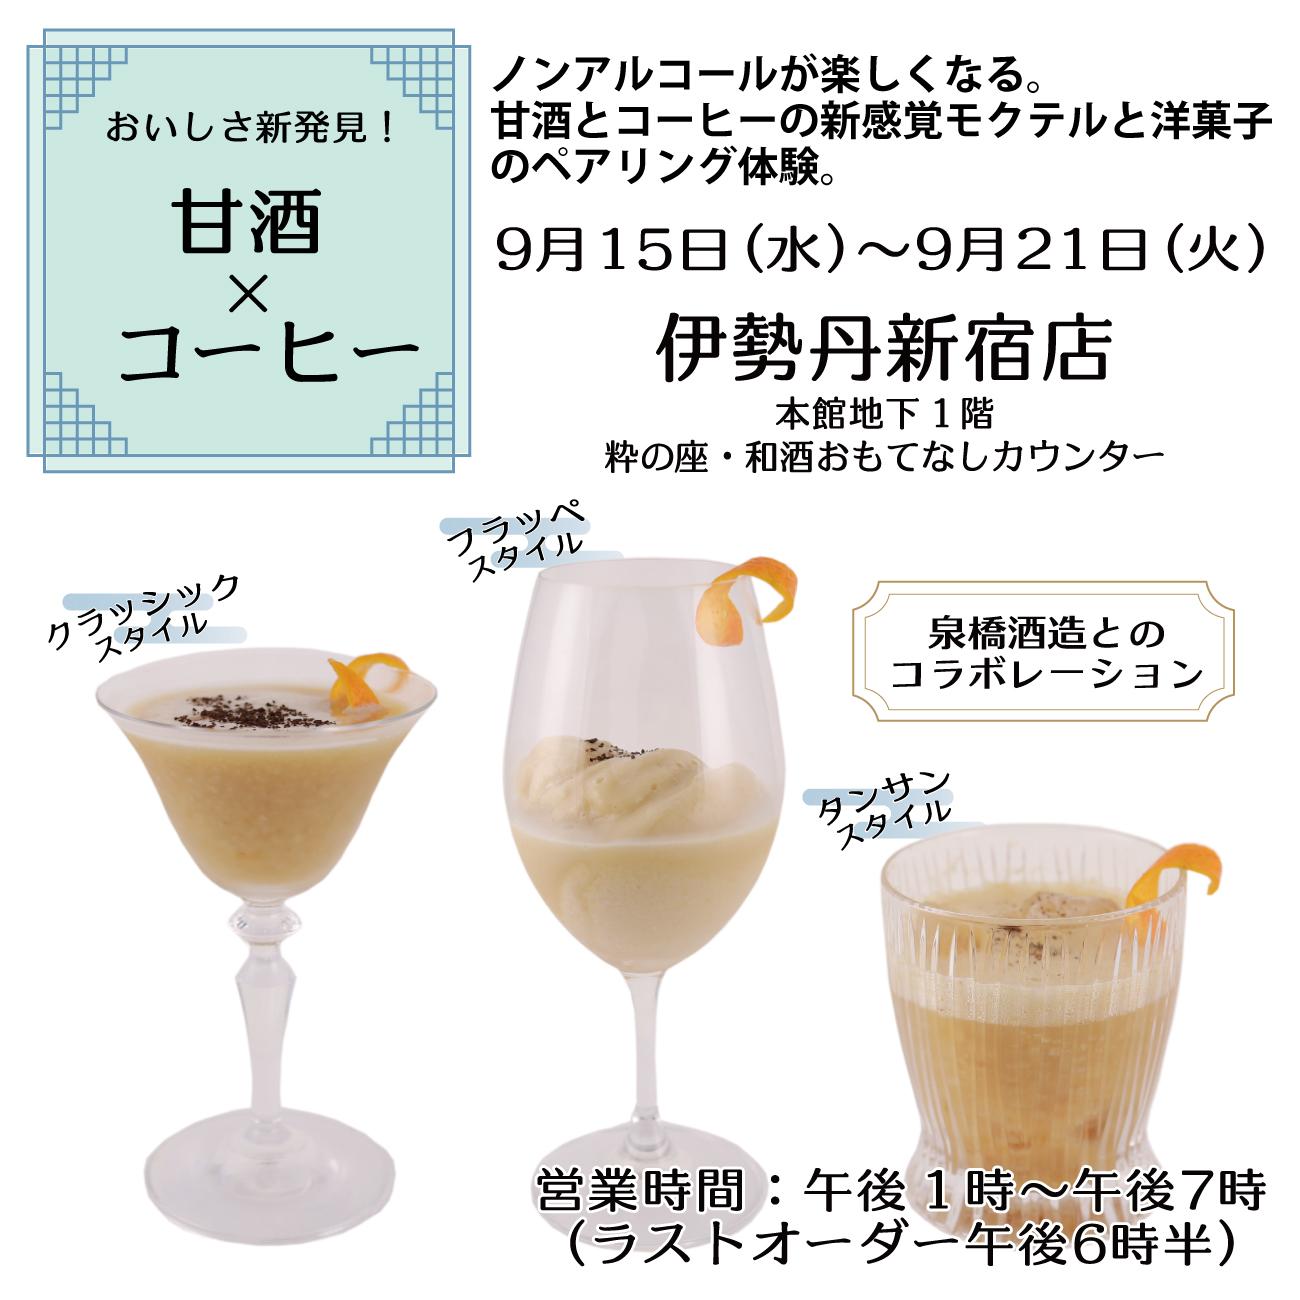 「甘酒×コーヒー」の新感覚モクテル体験!伊勢丹新宿店にて9/15(水)から7日間催事出店